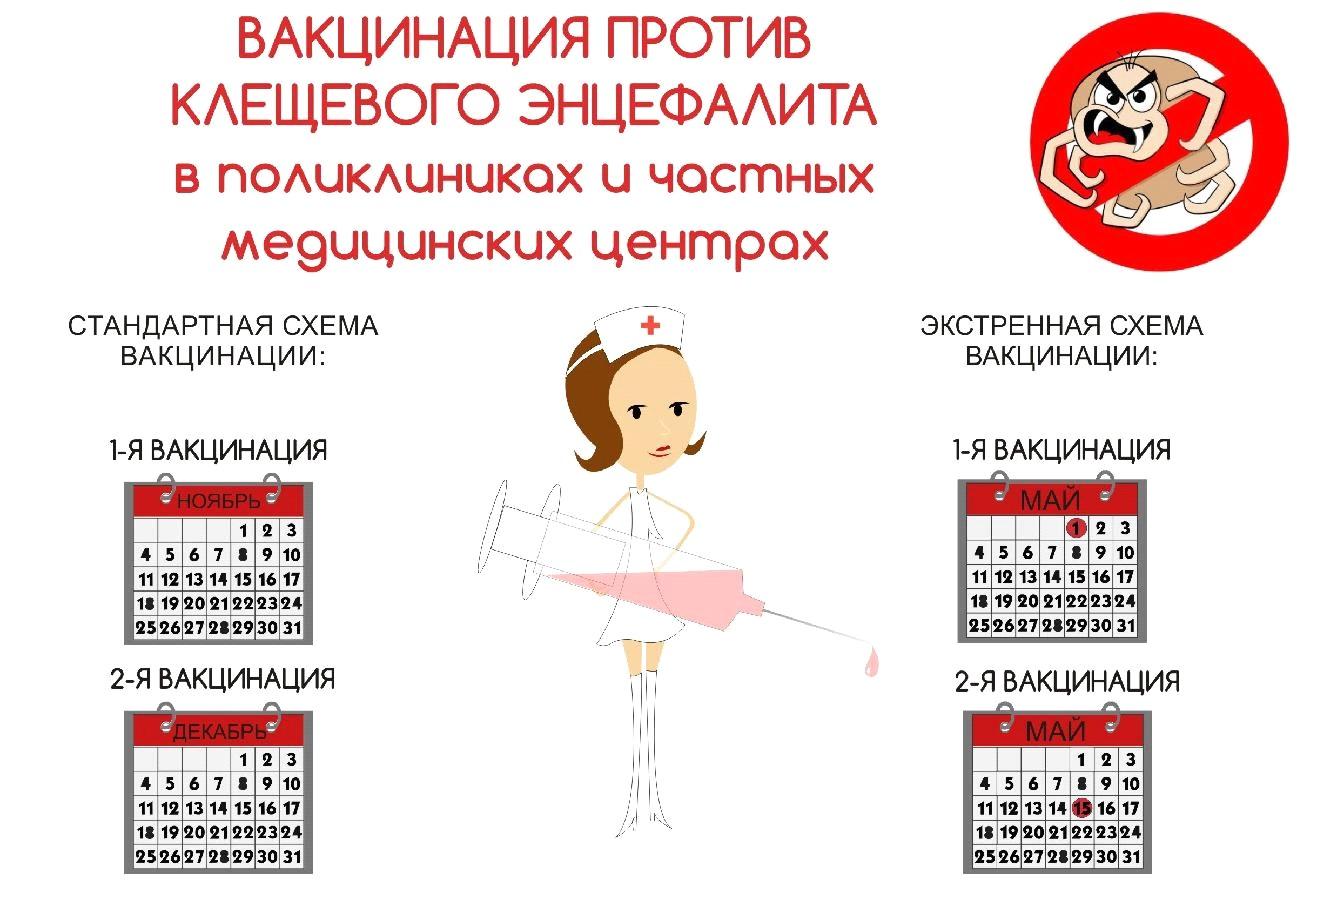 Прививка от клеща: сроки, схема вакцинации, когда можно делать